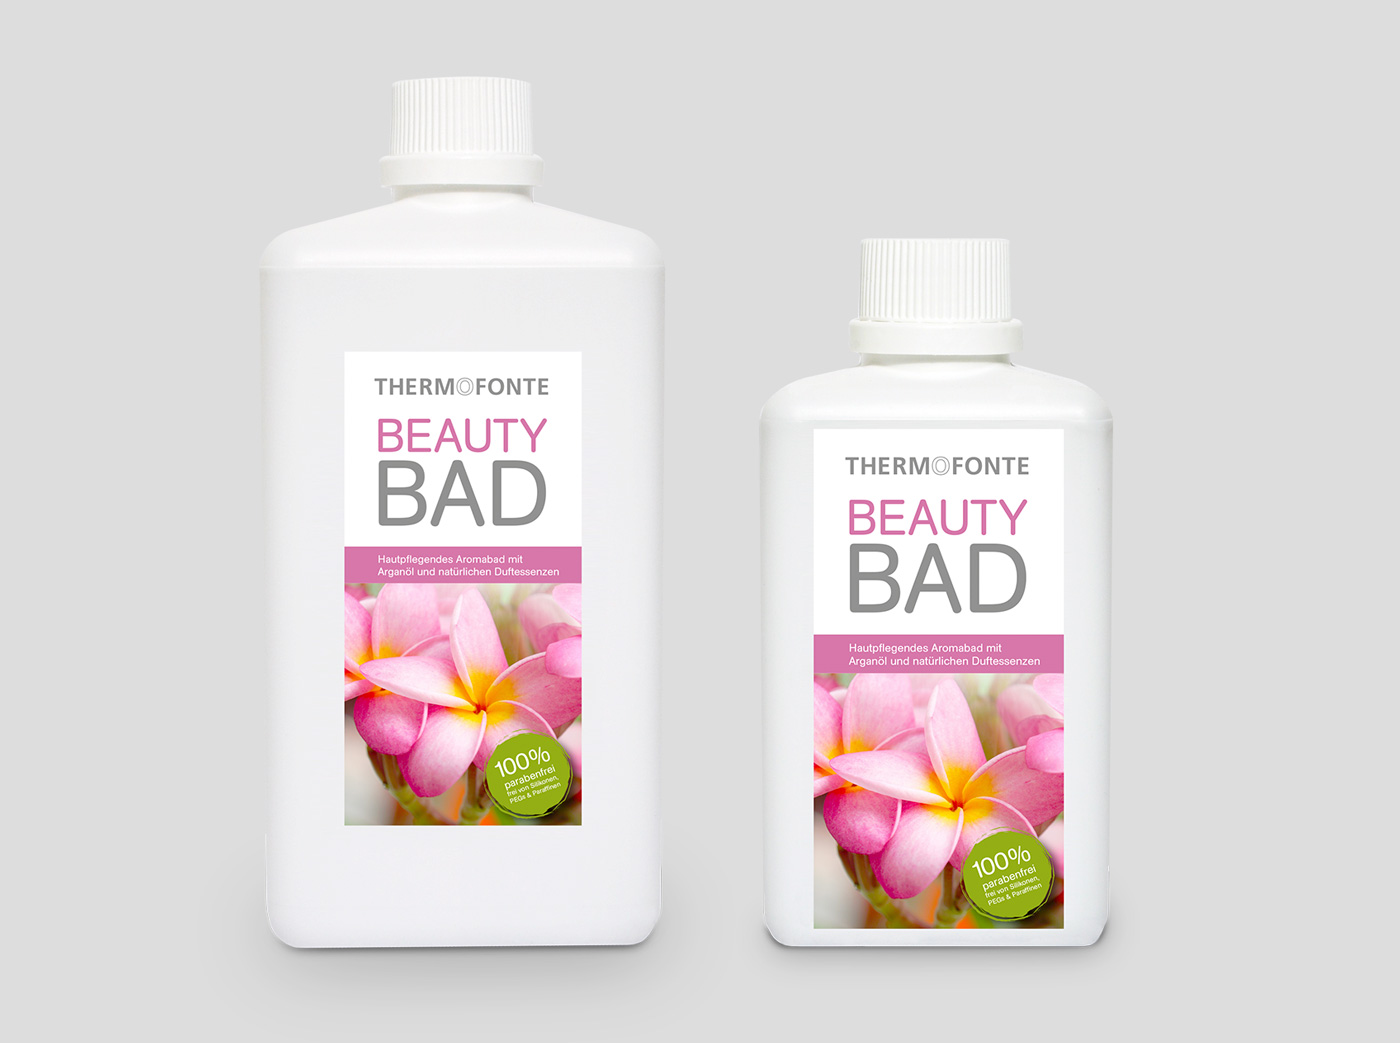 TF_Beauty_HP_Beauty_Bad.jpg